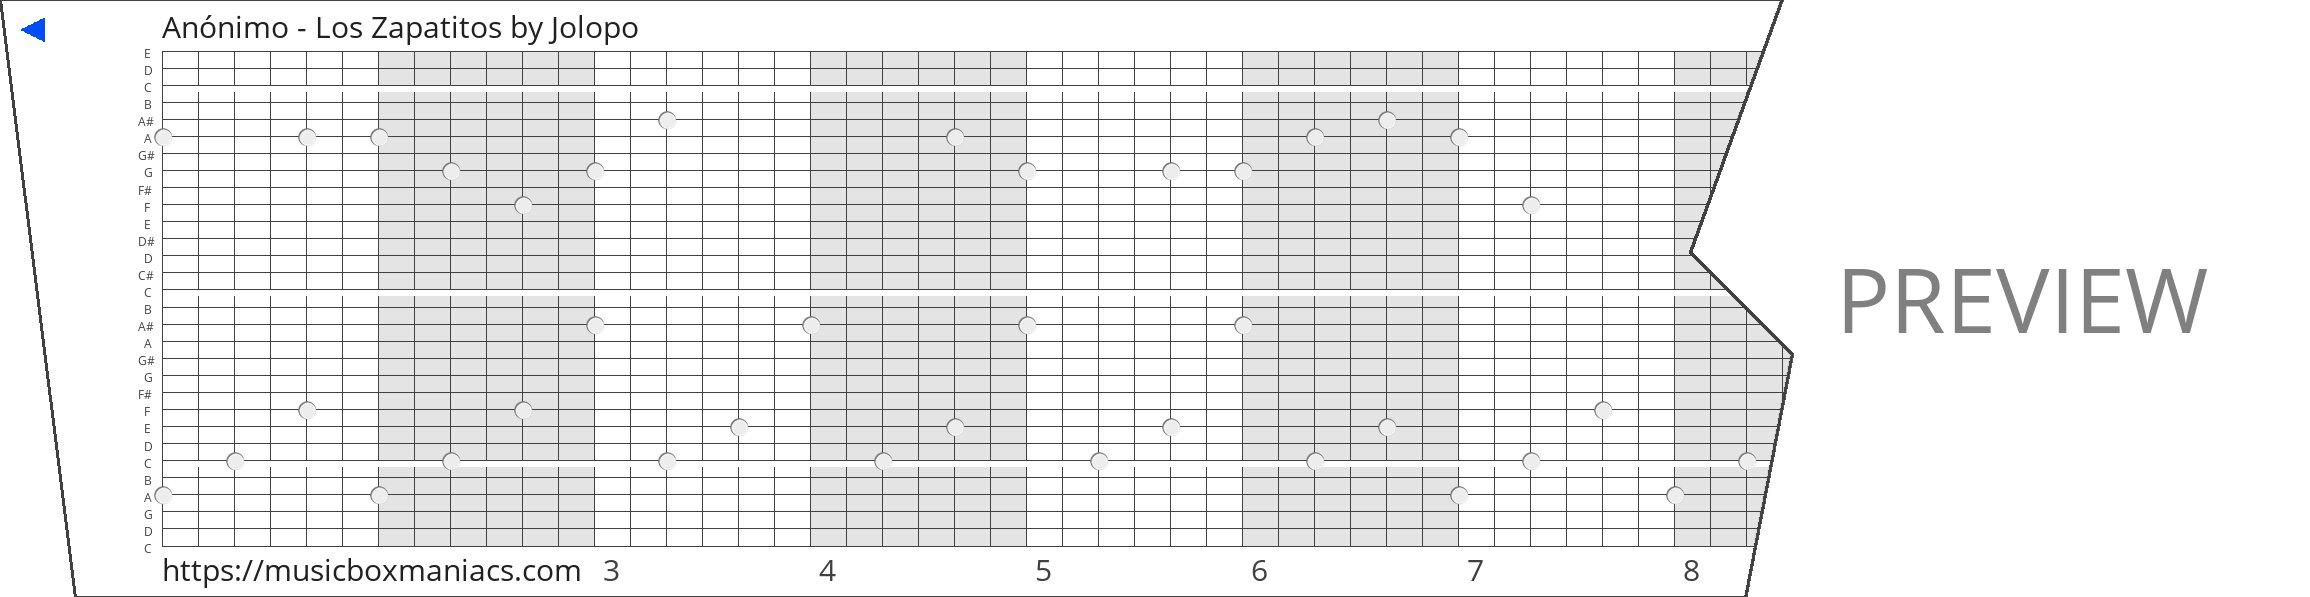 Anónimo - Los Zapatitos 30 note music box paper strip